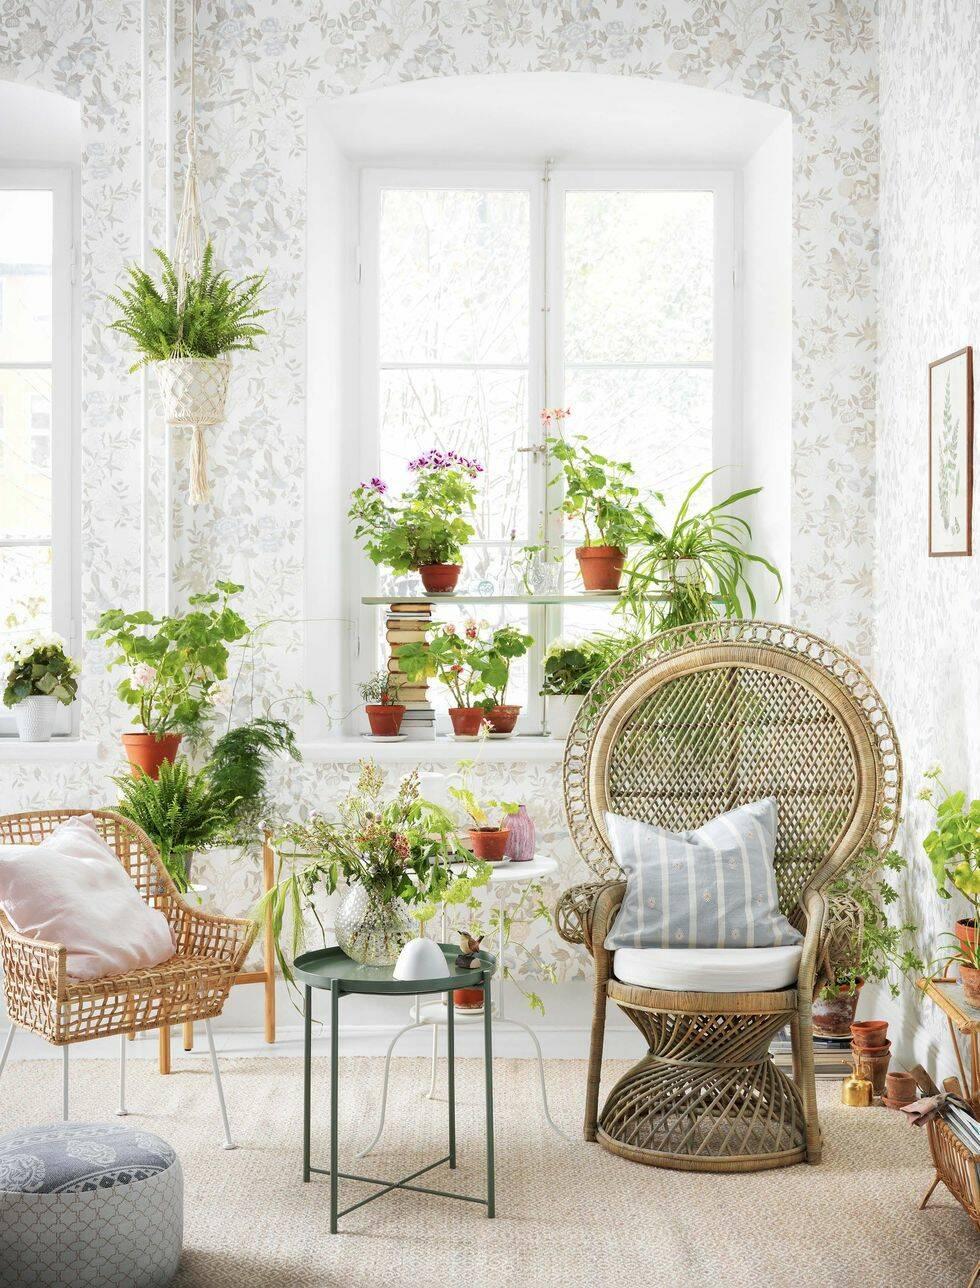 Våräng, djungel eller prärie – välj växter utifrån den skötselnivå som passar dig